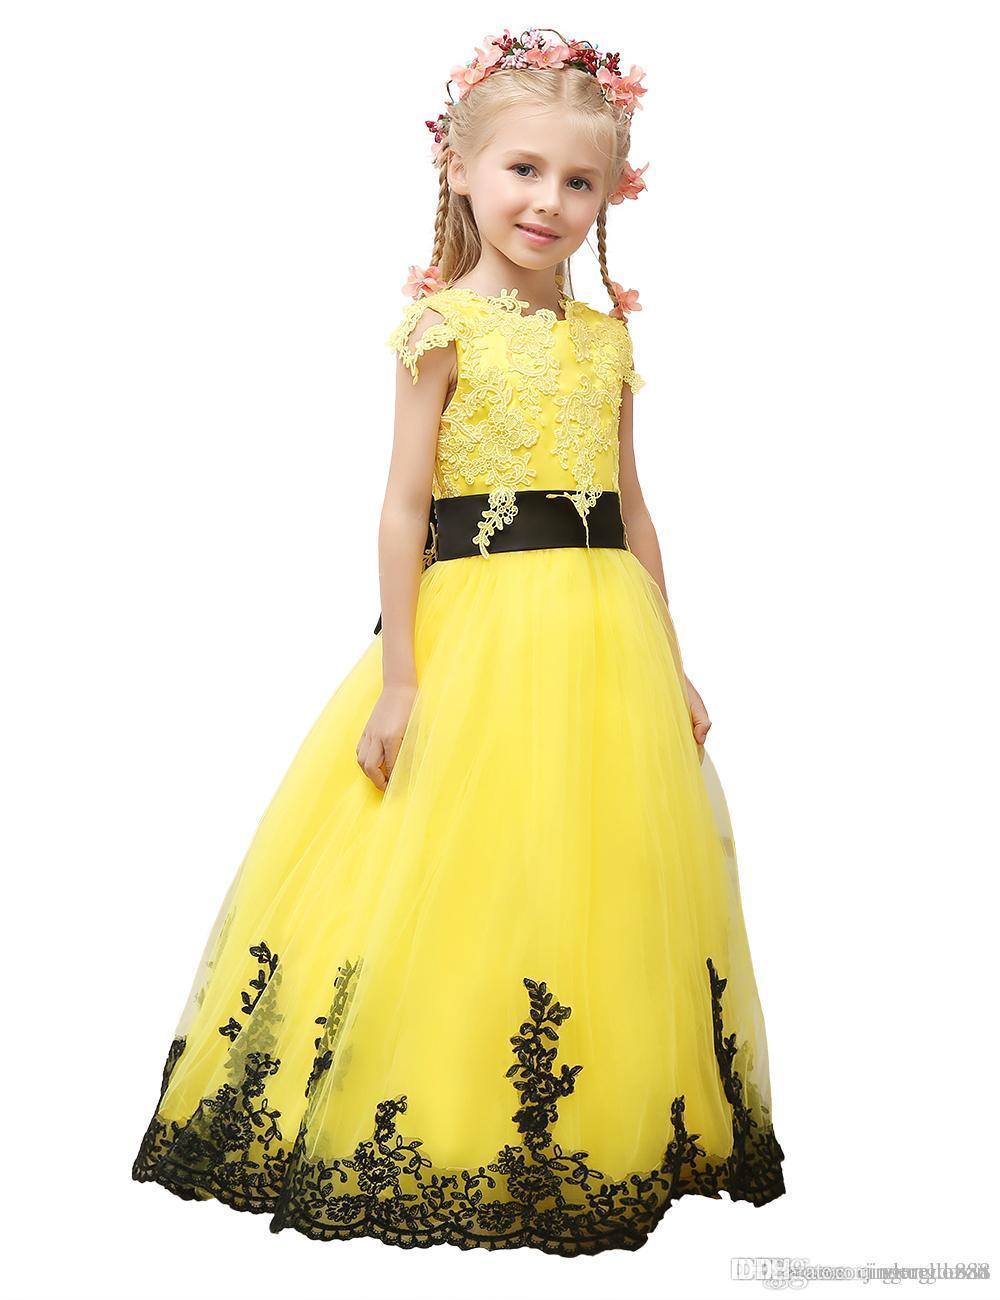 heiße Prinzessin Flower Girl Dresses Reizende Ballkleid-Partei-Hochzeits-Mädchen-Kleider mit Bogen-Schärpe